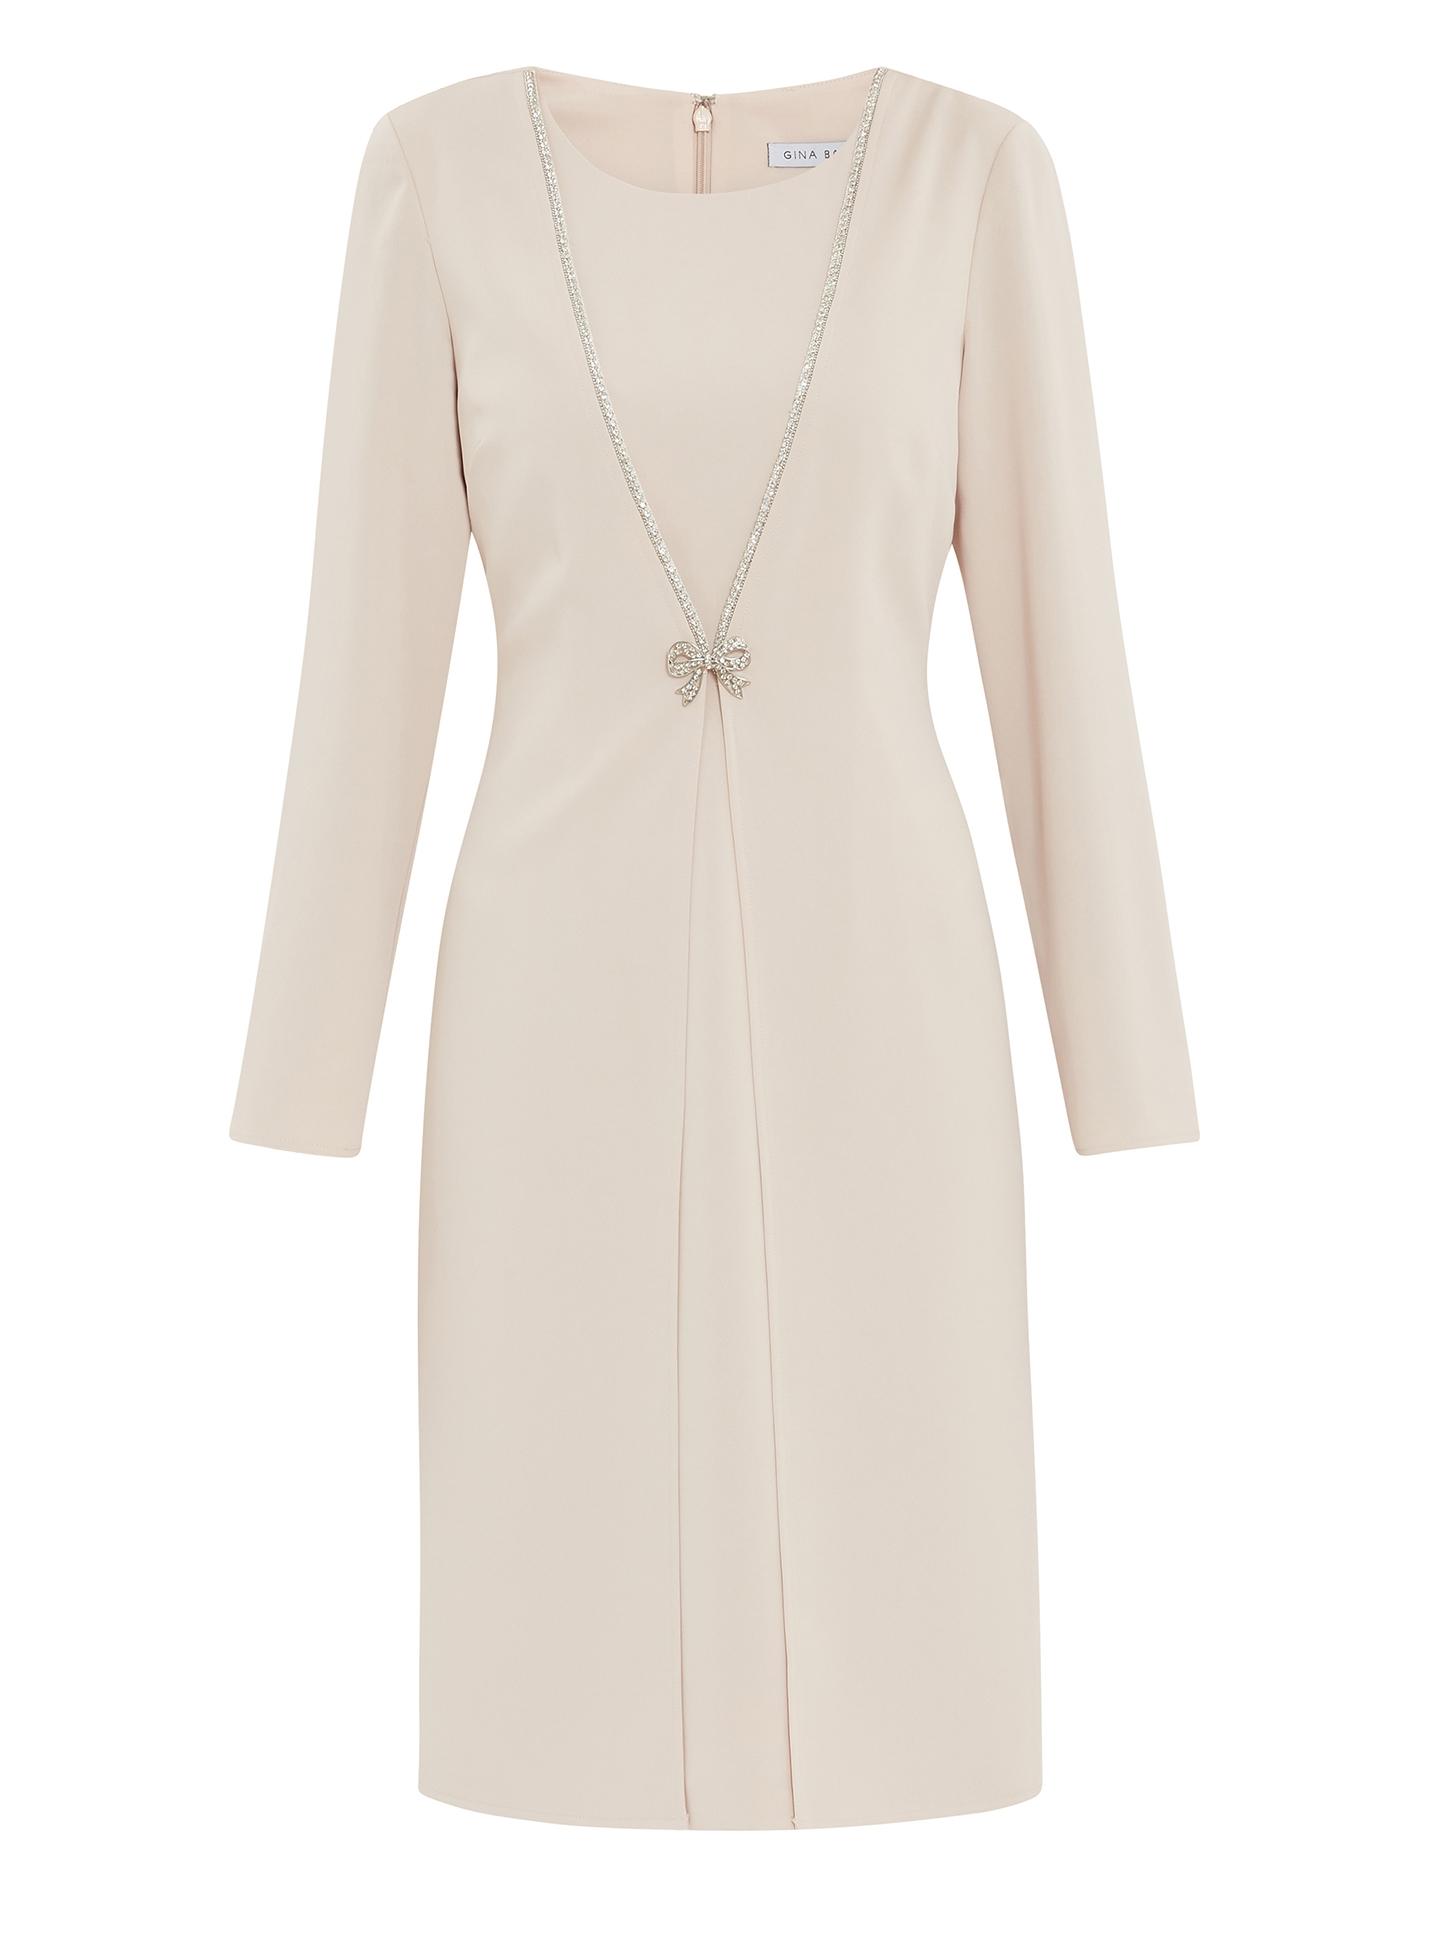 Sedona Coat Dress With Brooch